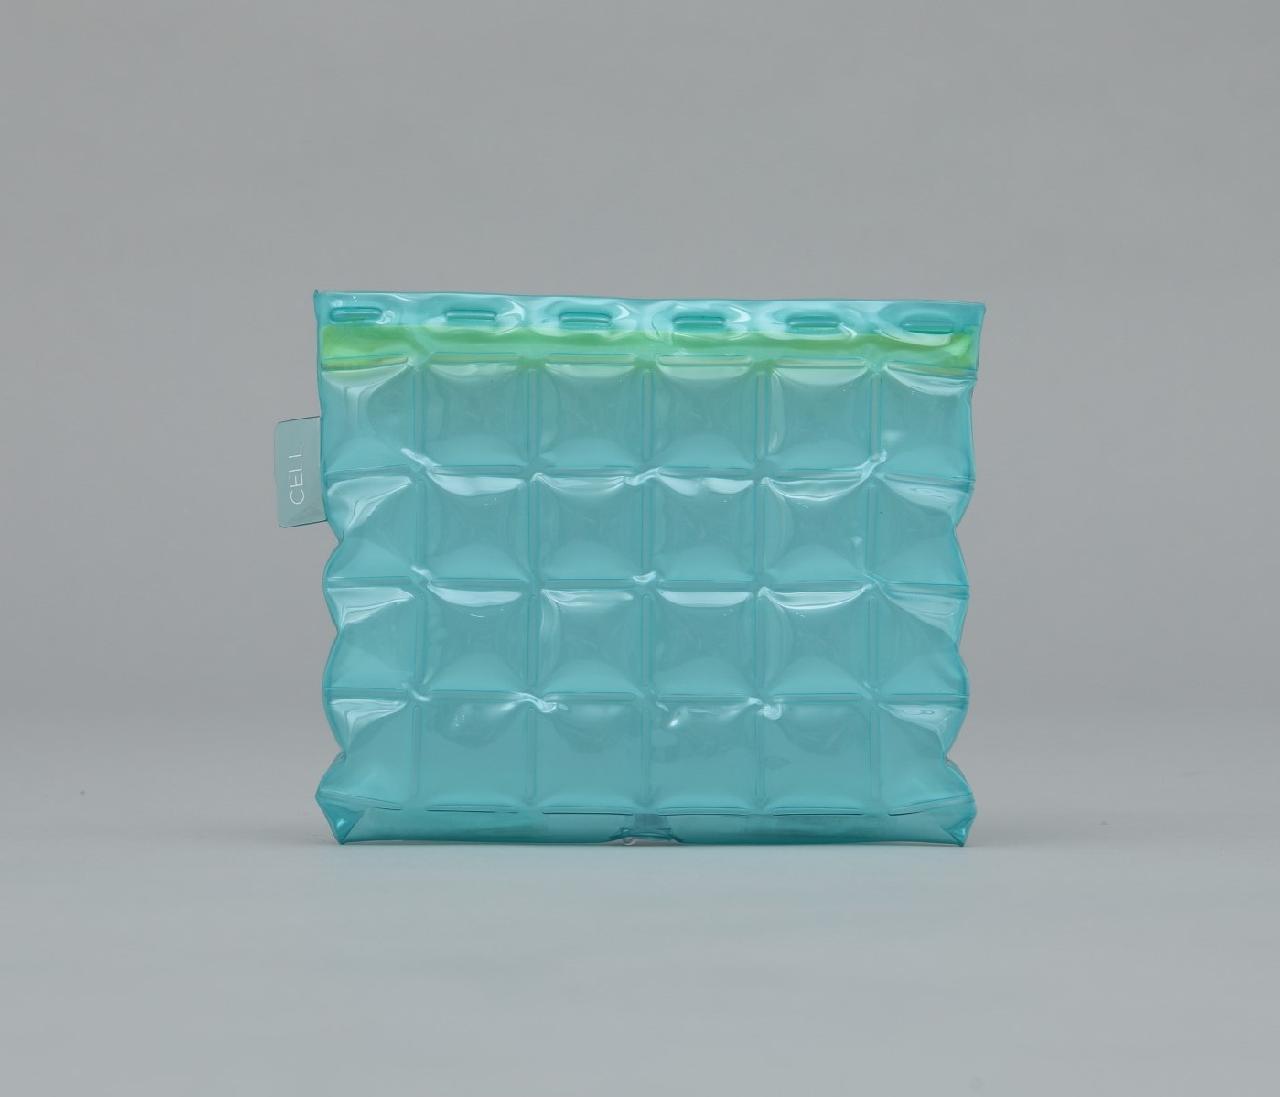 CELL ポーチ 色透明ブルー